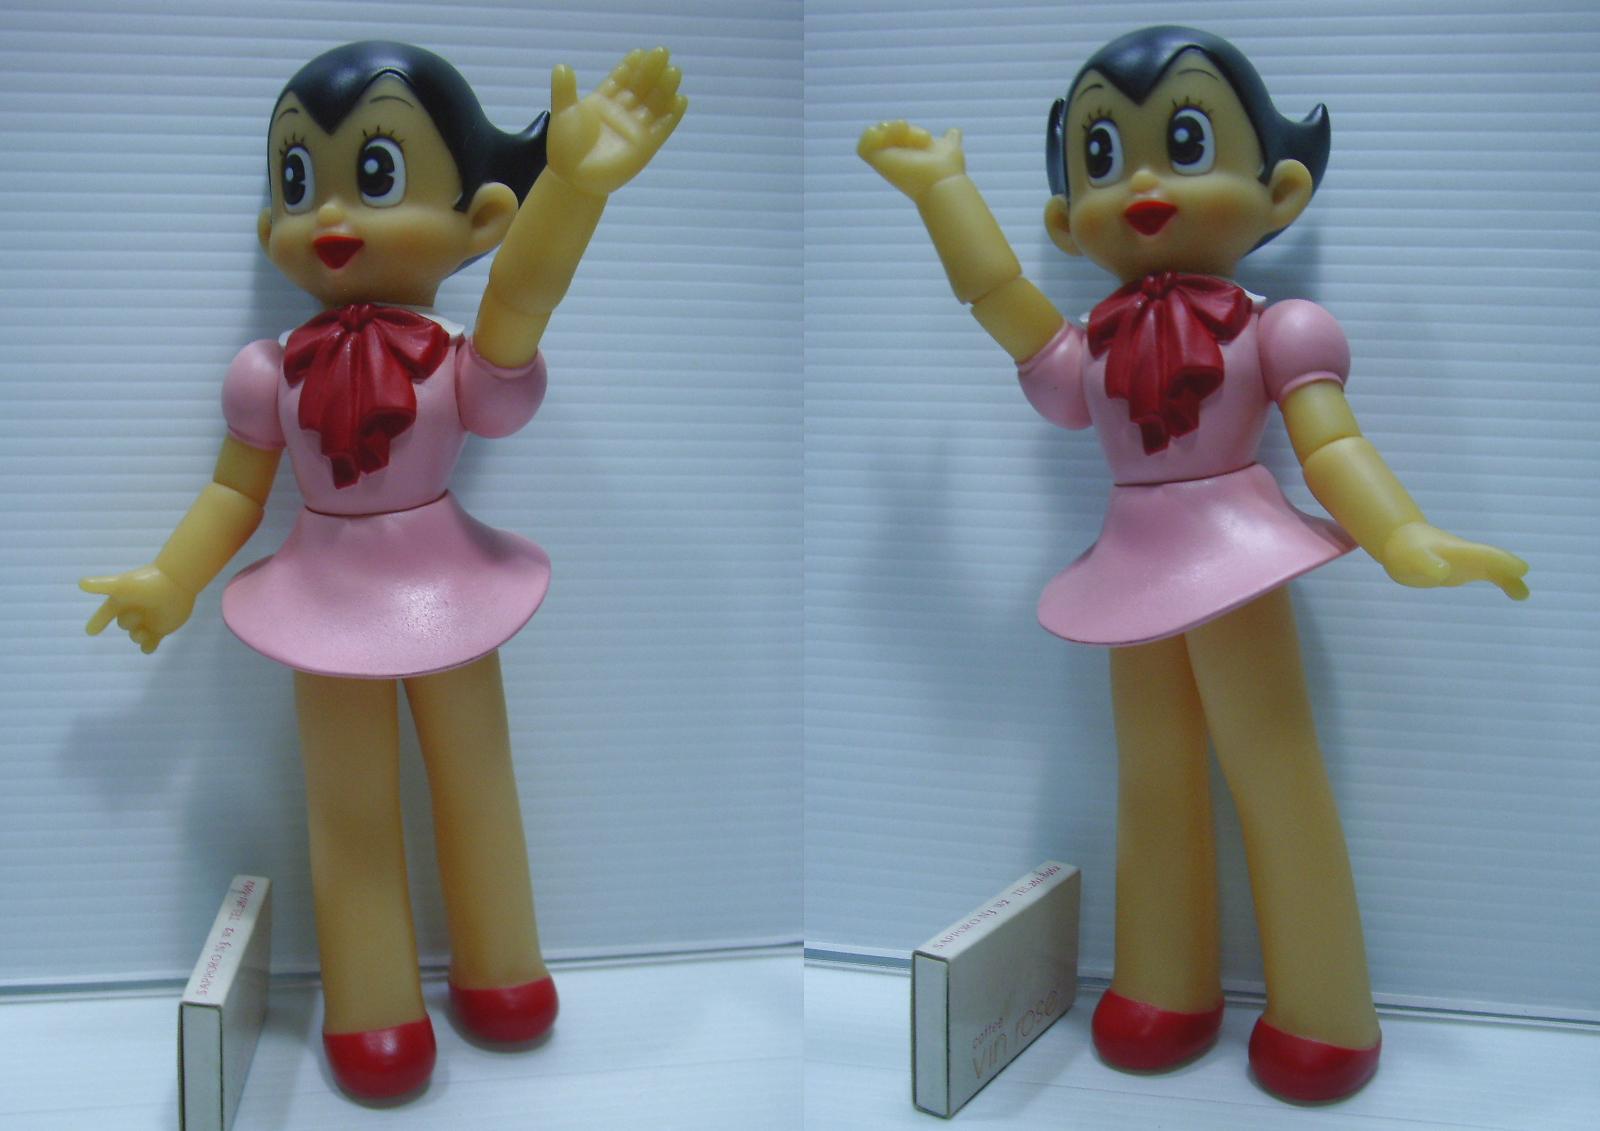 ビリケン☆鉄腕アトム☆ウラン☆ソフビ人形 22.3cm 当時物 アニメ 現状 【TO3045】